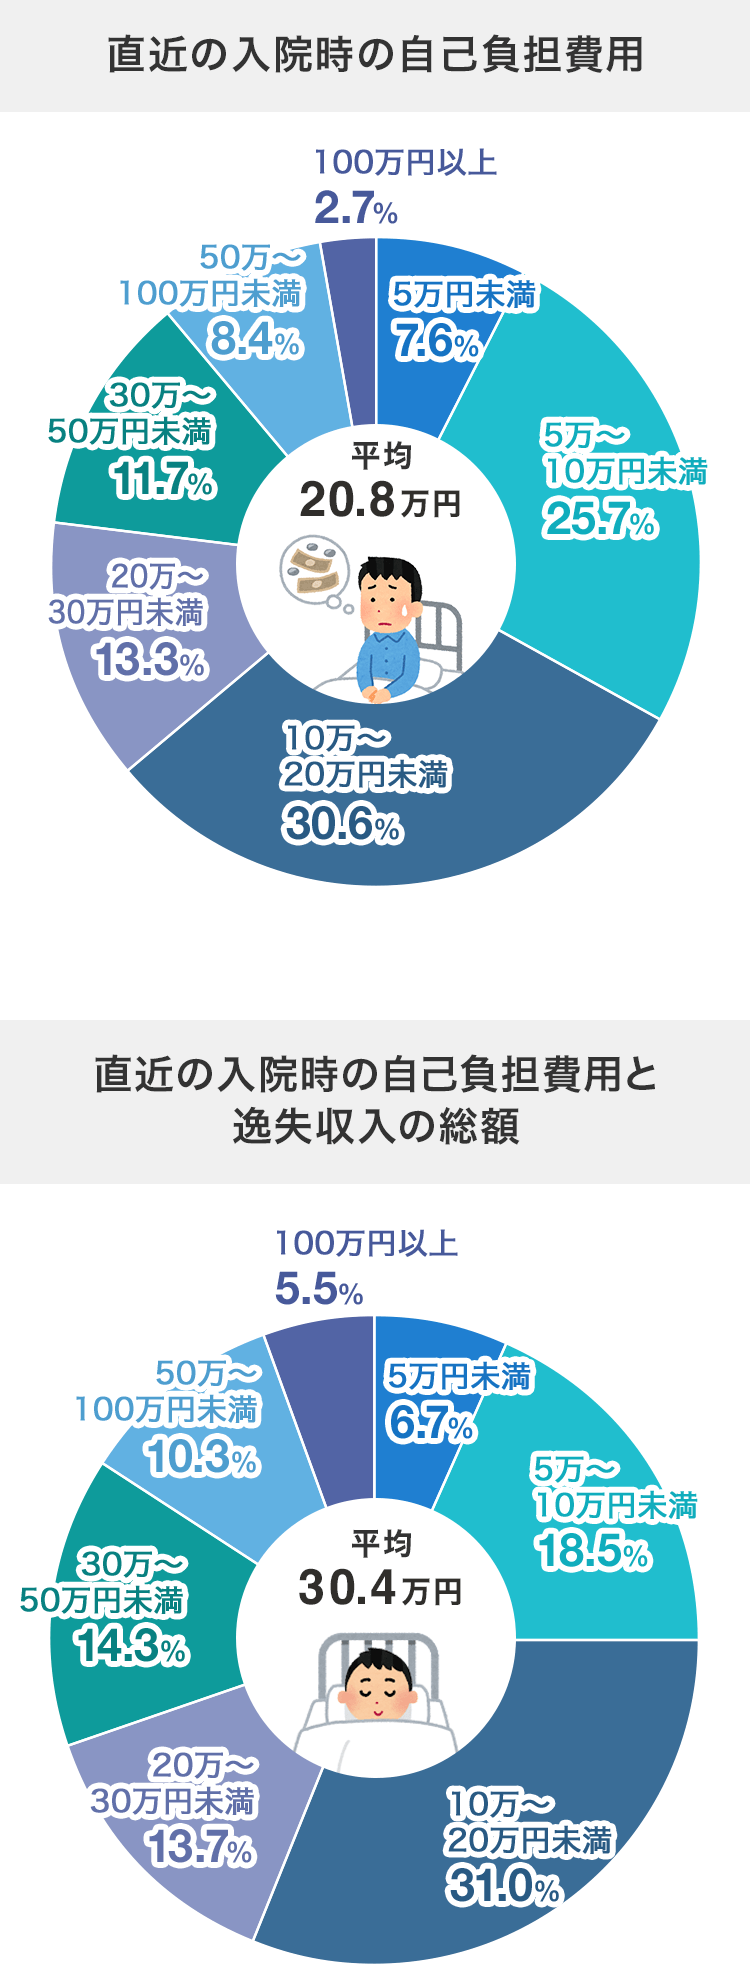 入院時の自己負担額と逸失収入の平均